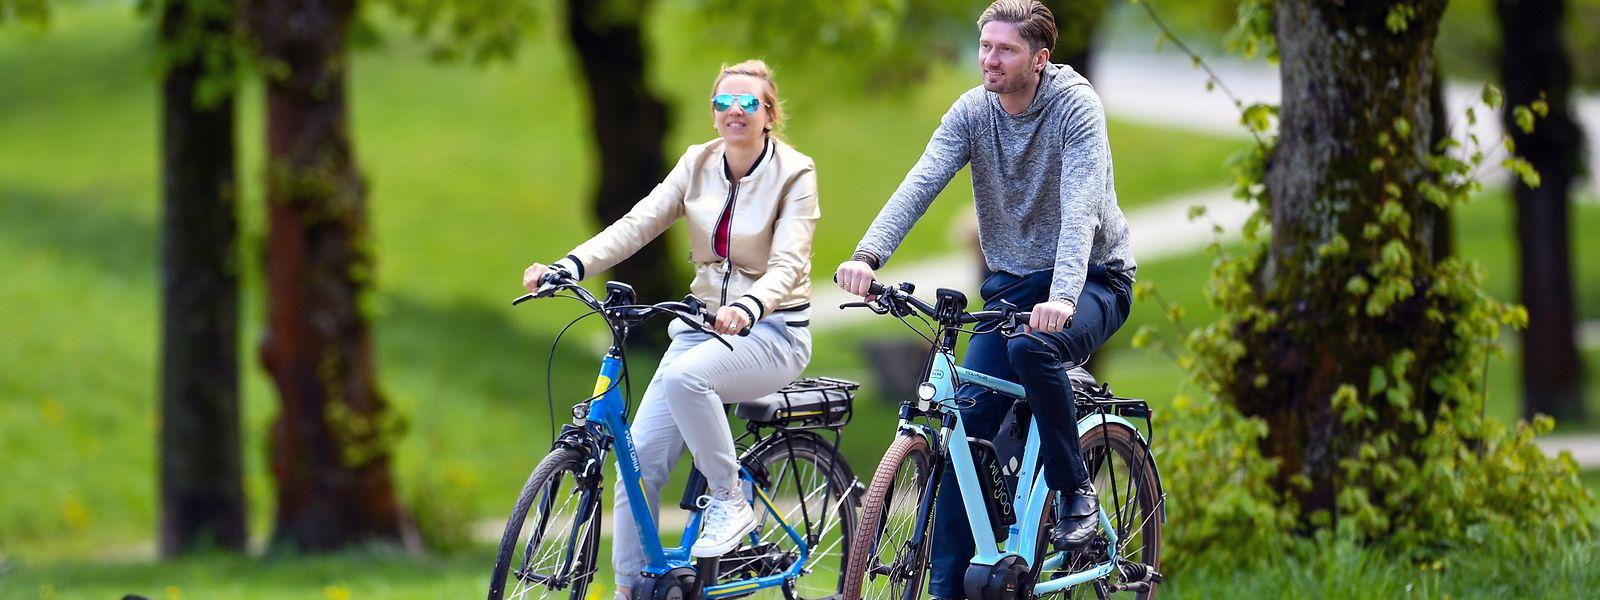 Zwischen 2016 und 2018 wurden 58 Fahrradfahrer bei Unfällen schwer verwundet.